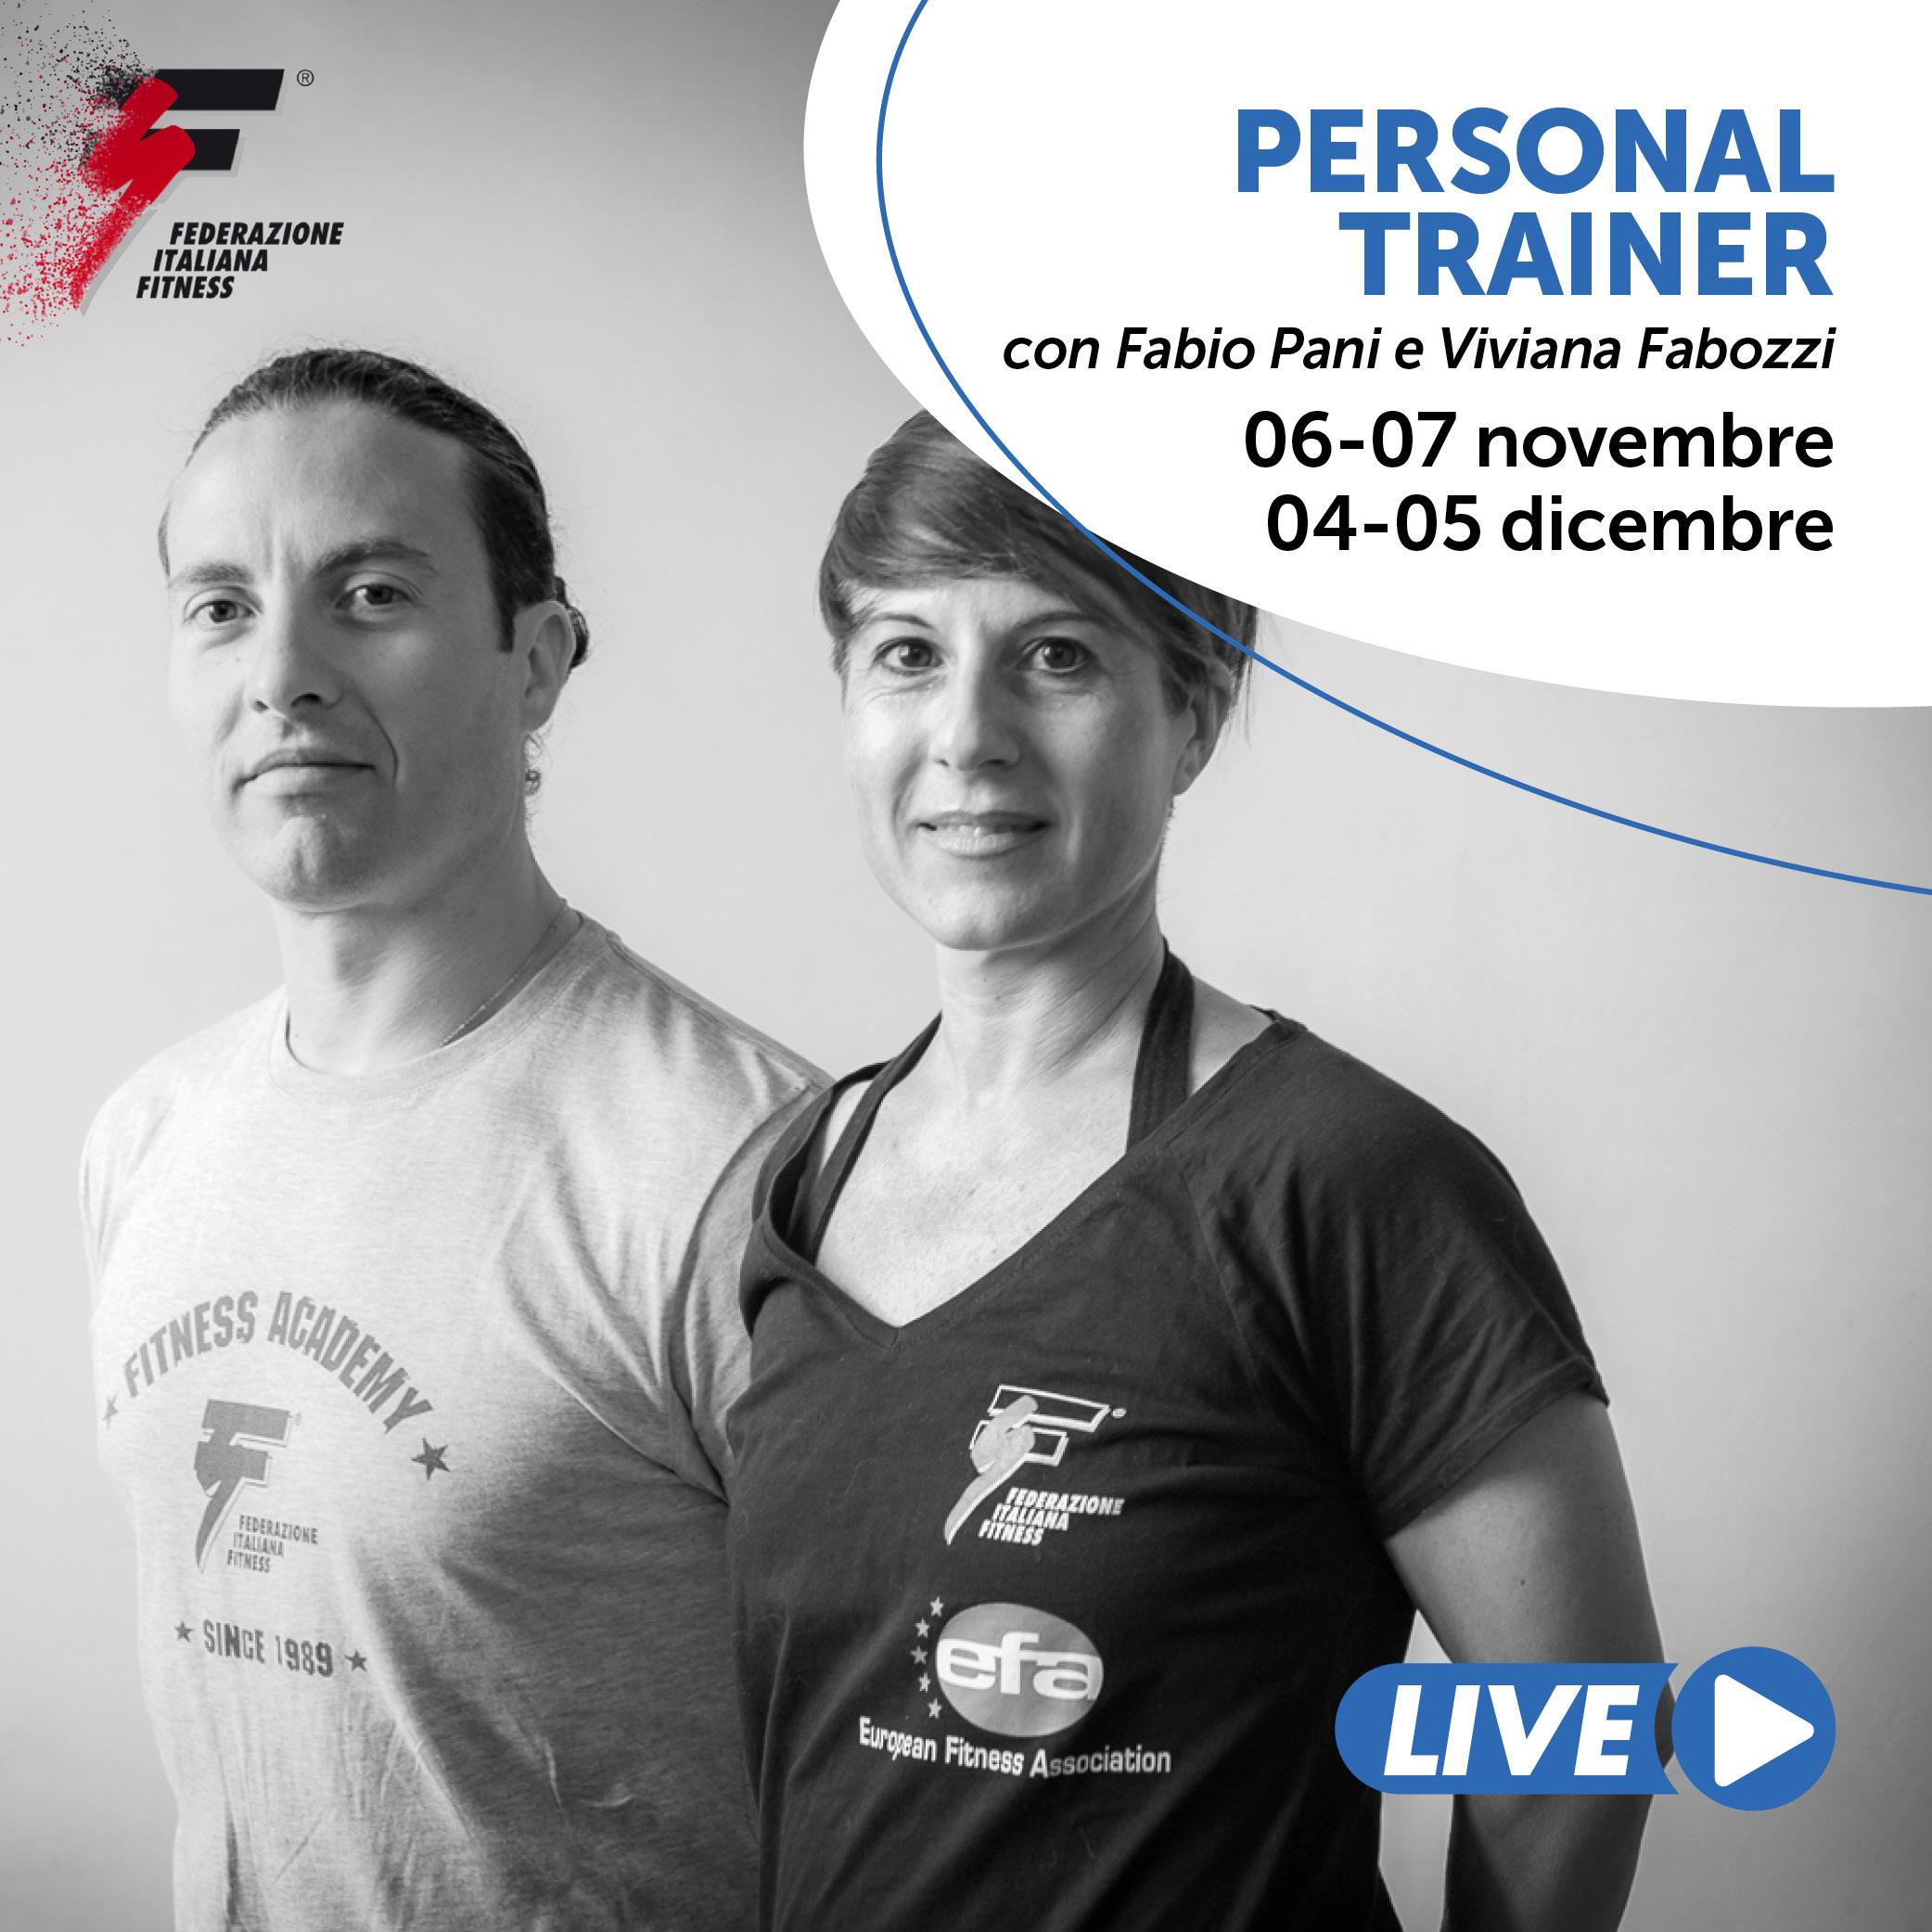 PERSONAL TRAINER/Corso live